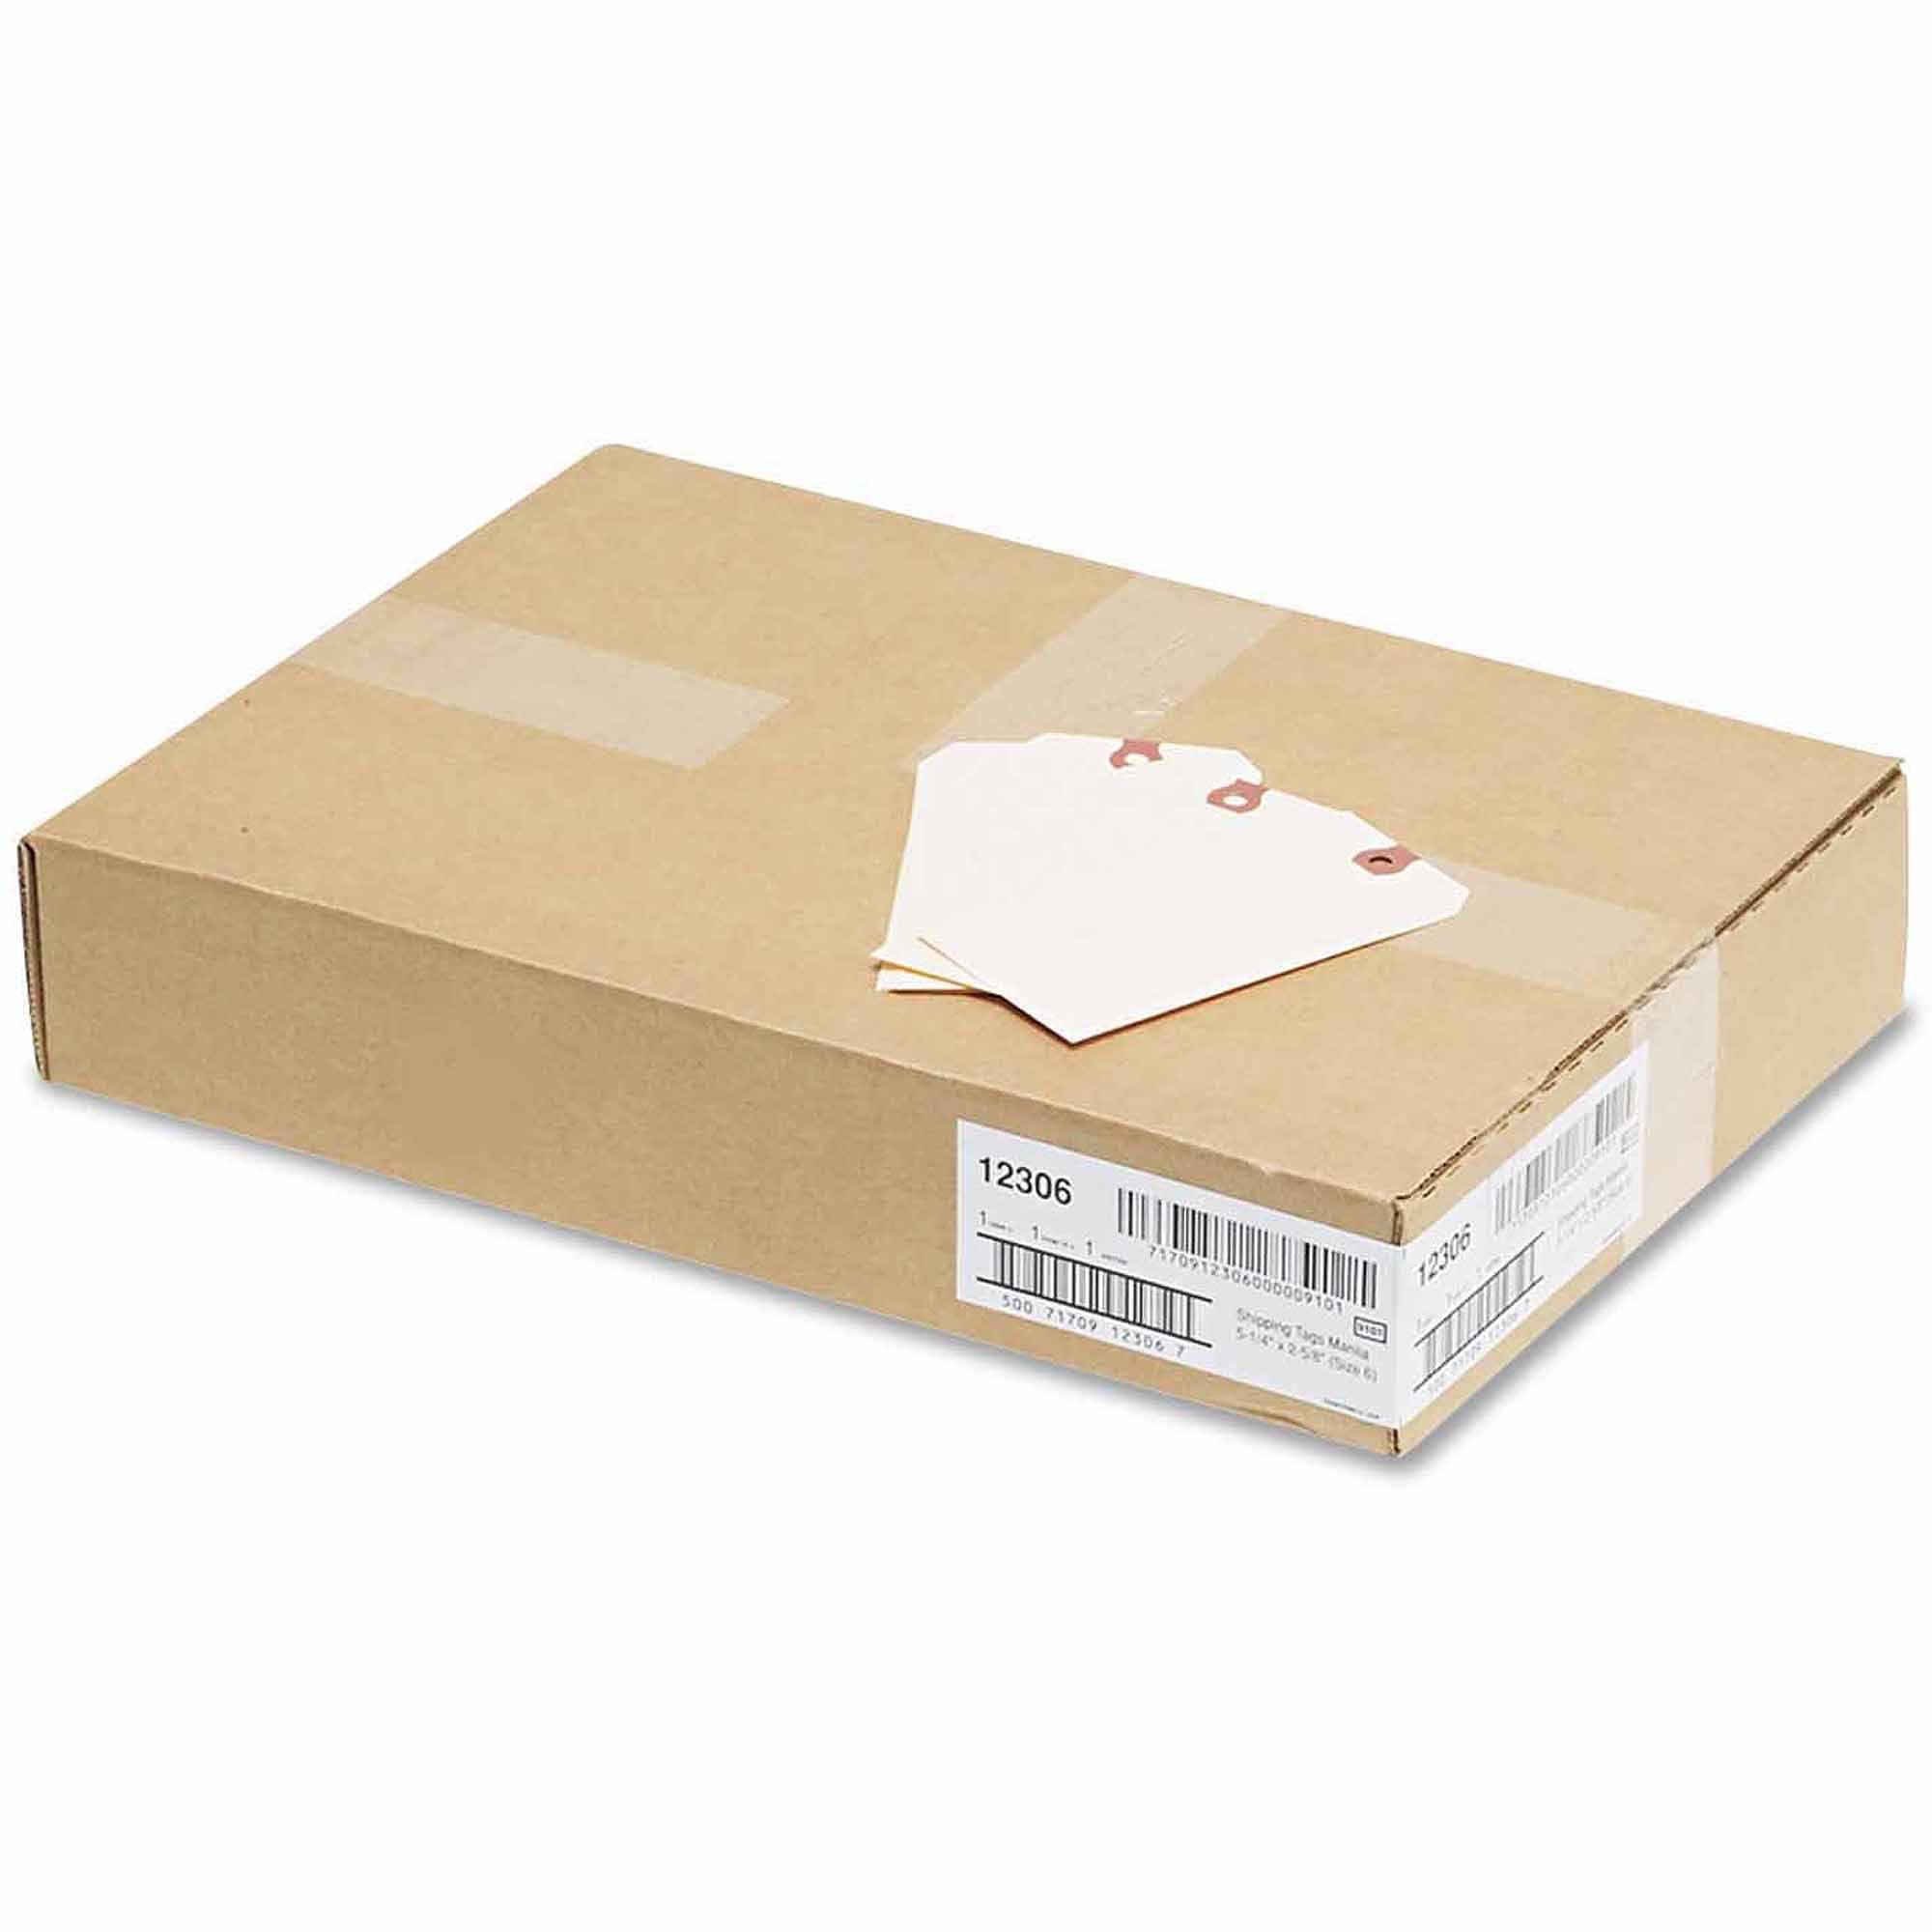 Laser printer permanent labels unv80106 for Universal laser printer labels template